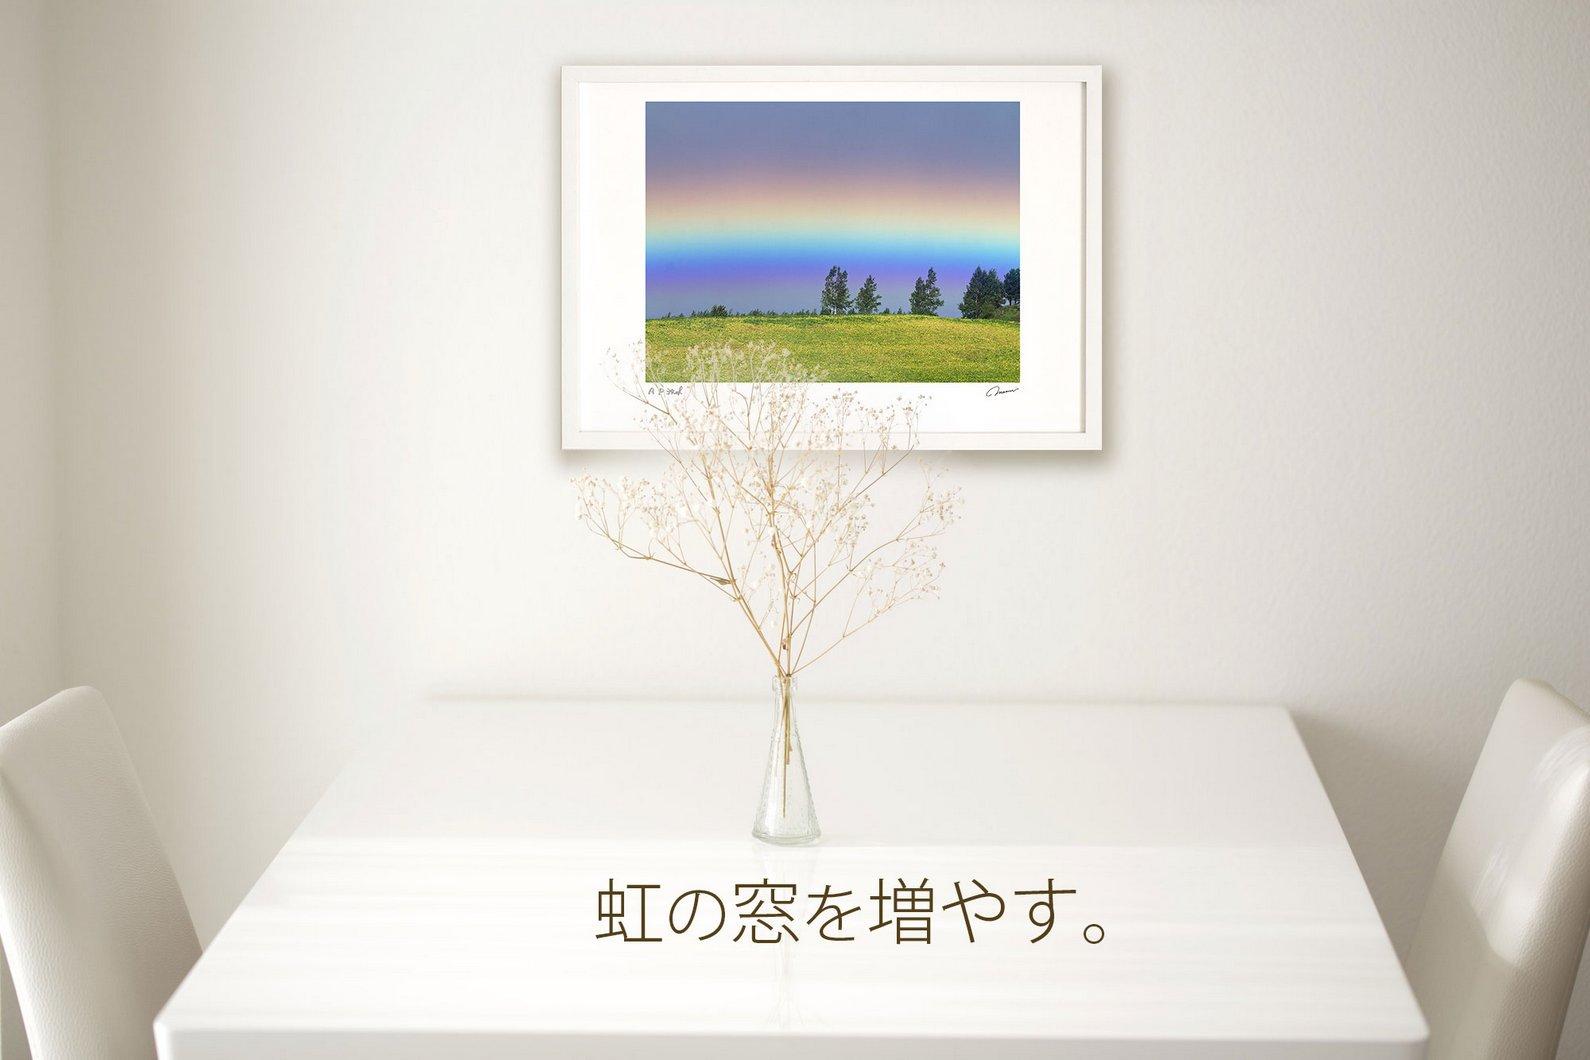 《アートフォト》【ベスト】ポプラの丘2/美瑛町〔富良野・高橋真澄〕(レンタル対象)